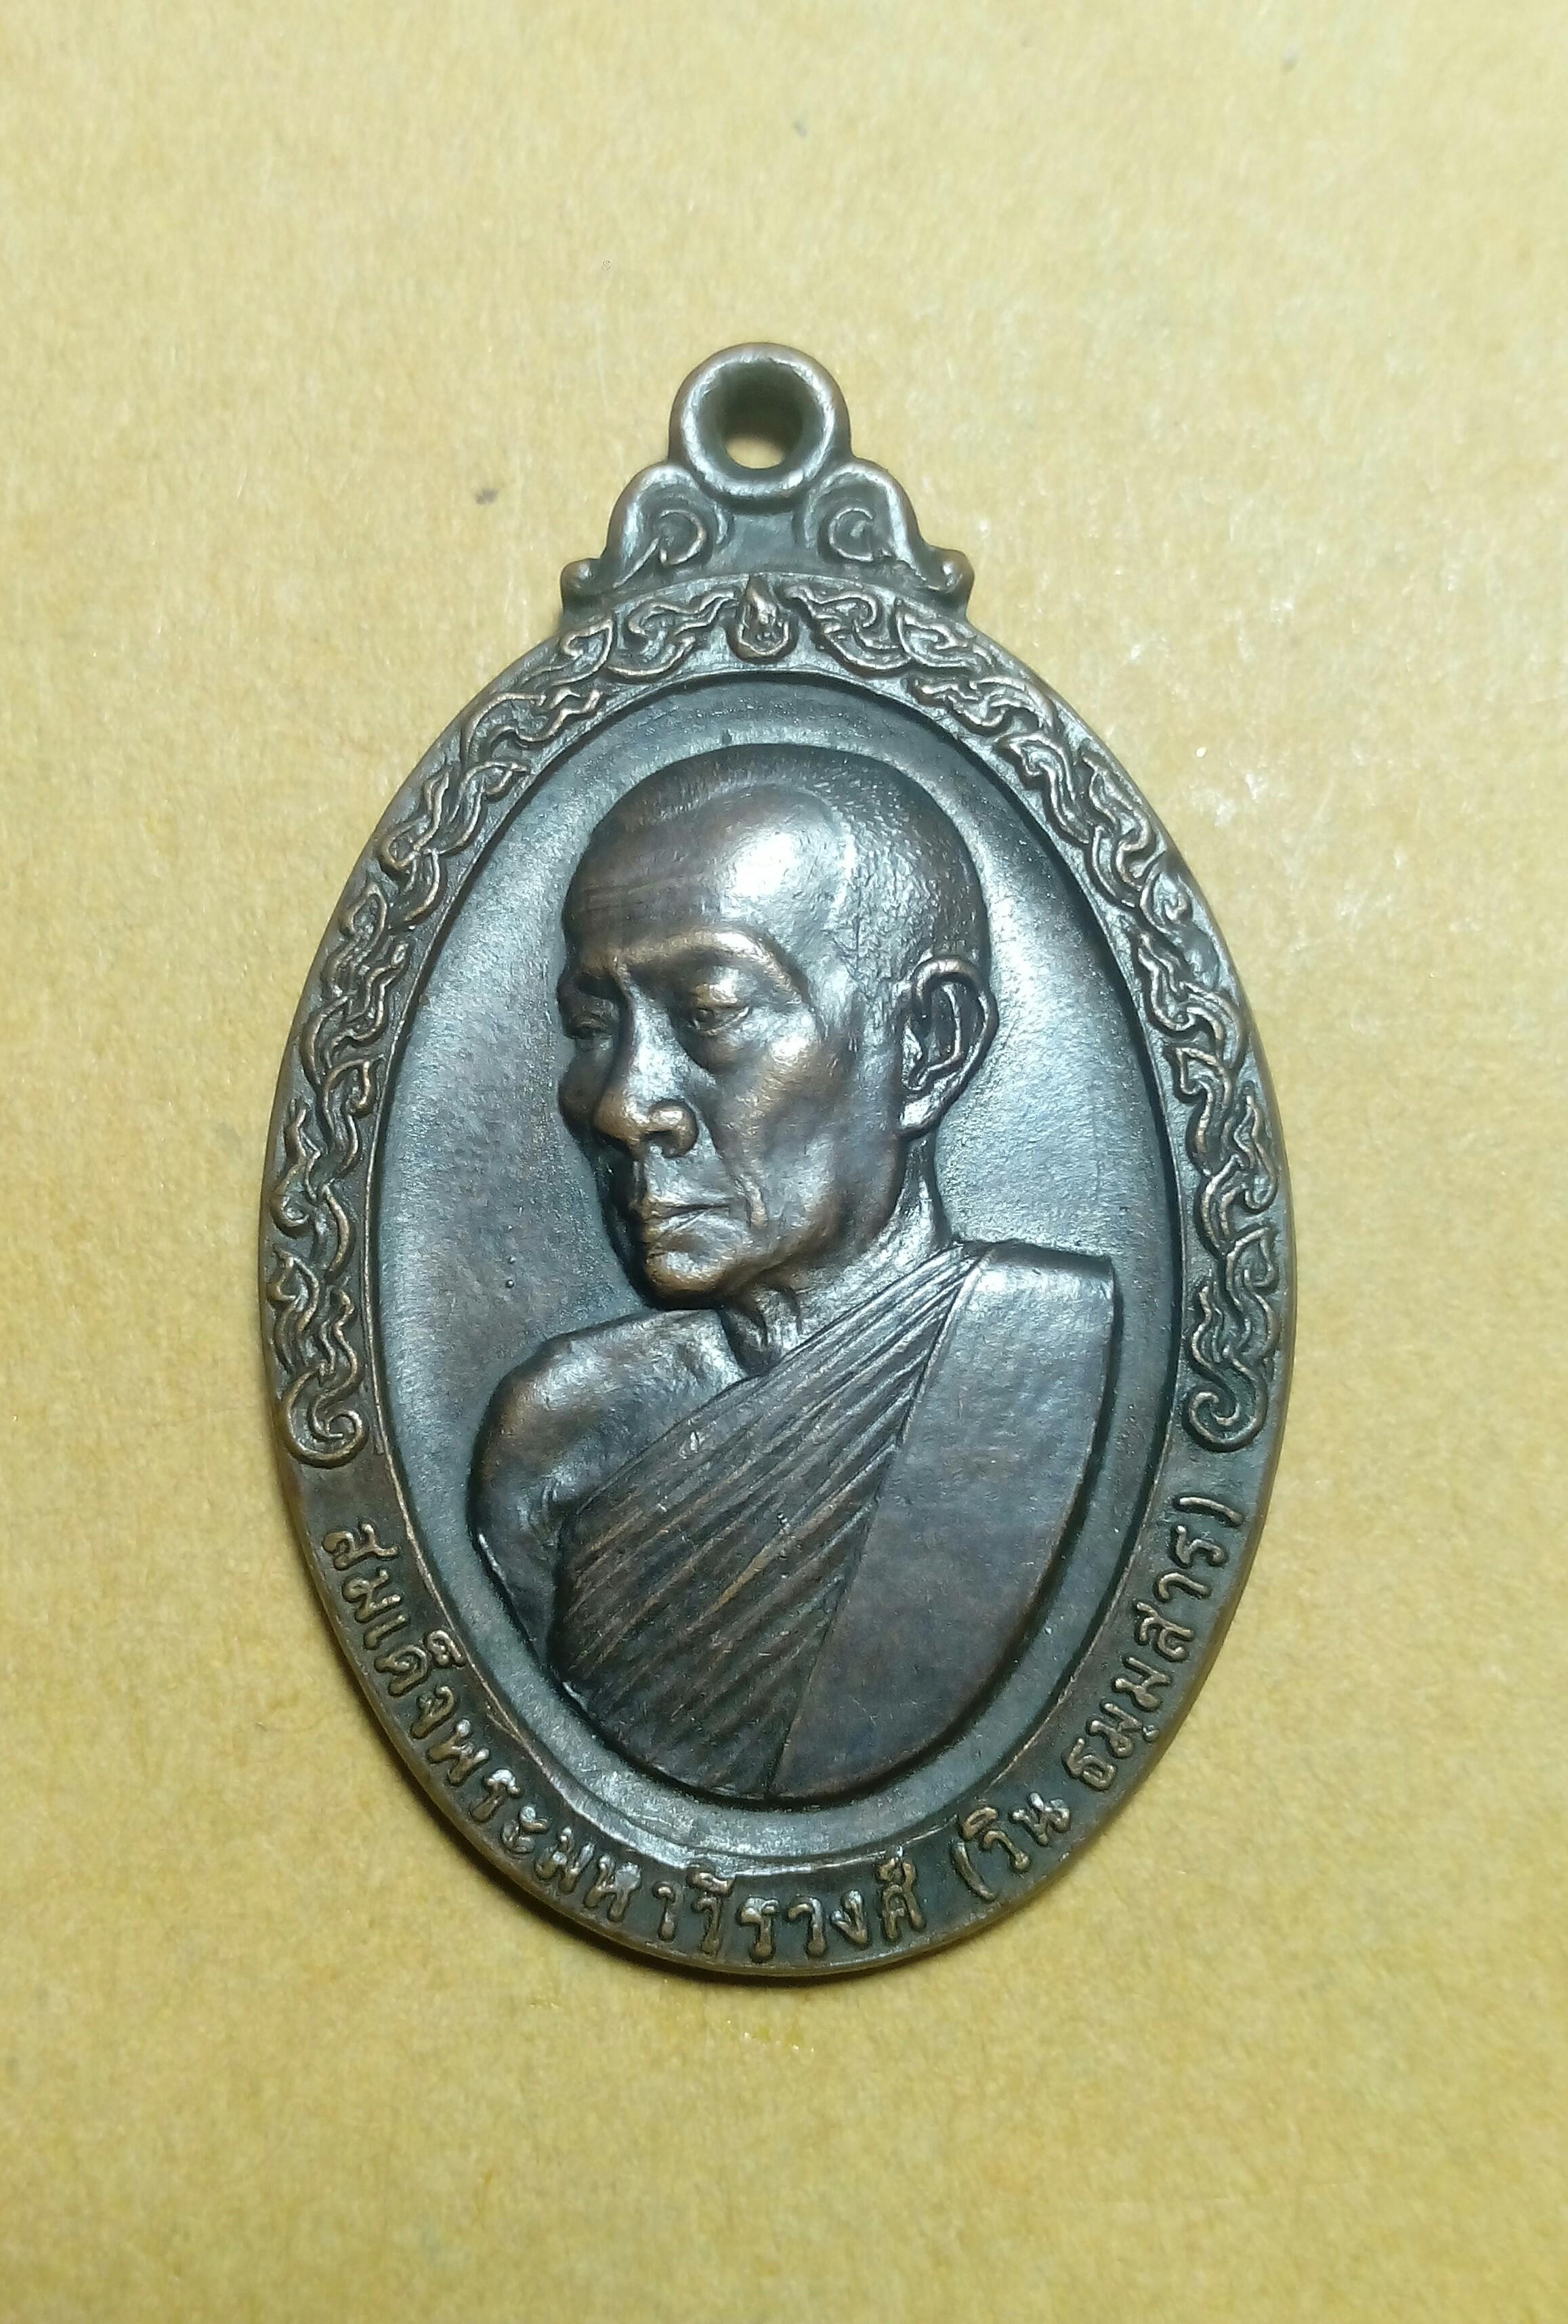 เหรียญสมเด็จพระมหาวีรวงศ์ (วิน ธมมสาร) จัดสร้างปี 2519